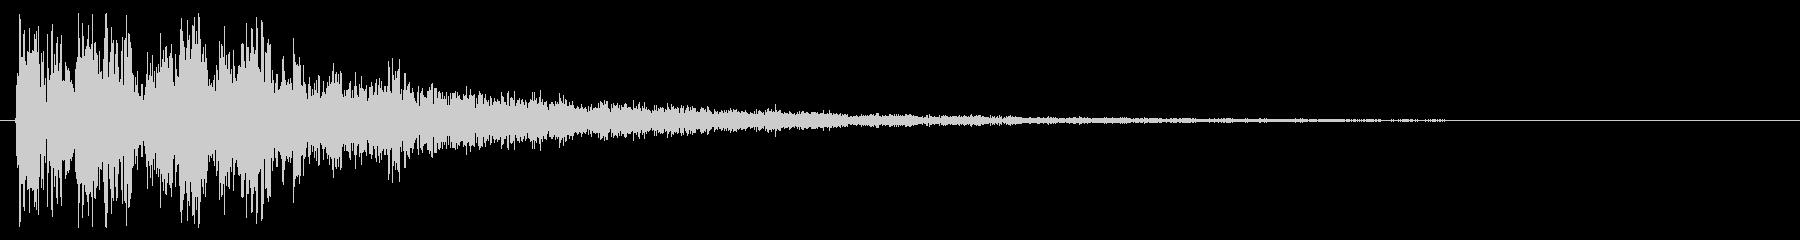 ファンタジックなスタート音 クリック音の未再生の波形